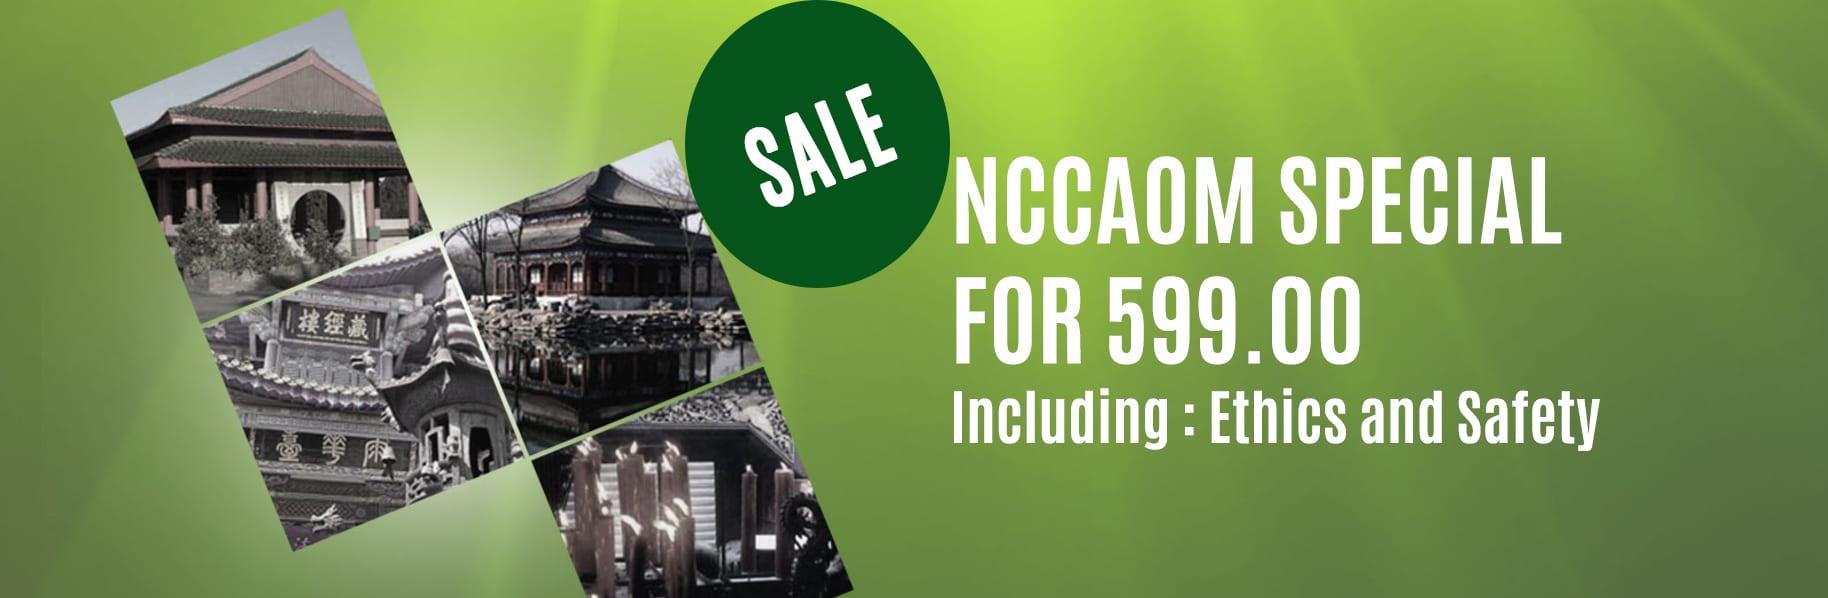 NCCAOMSPECIAL1